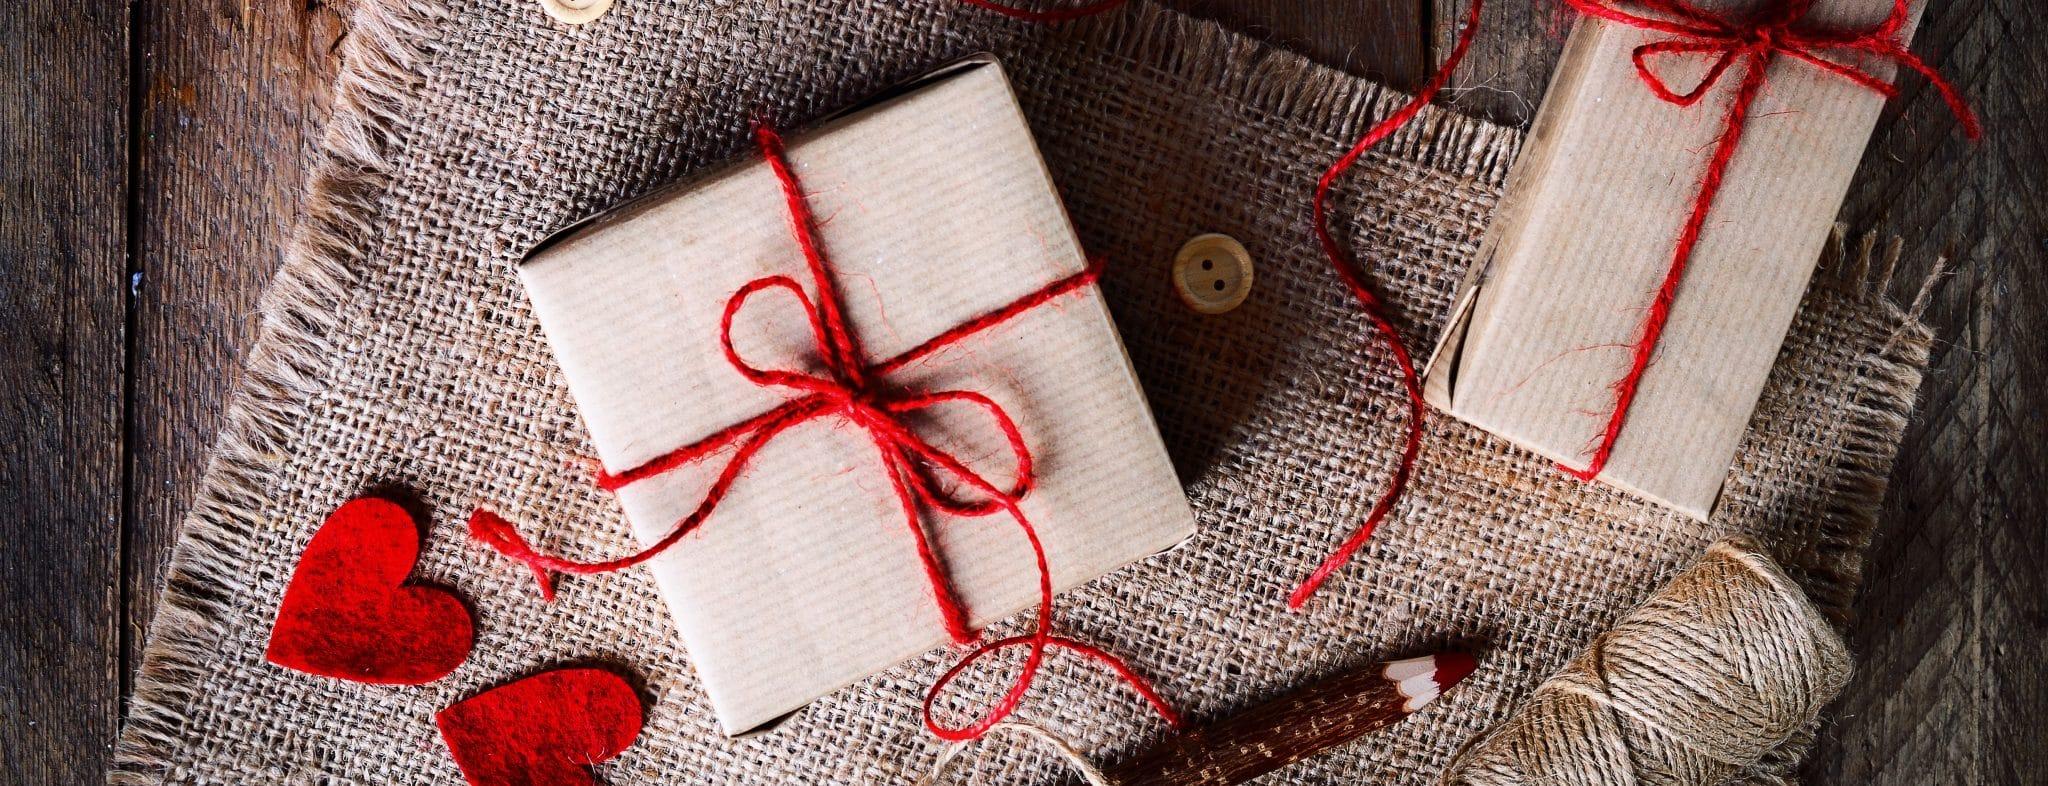 idee regalo per l'onomastico